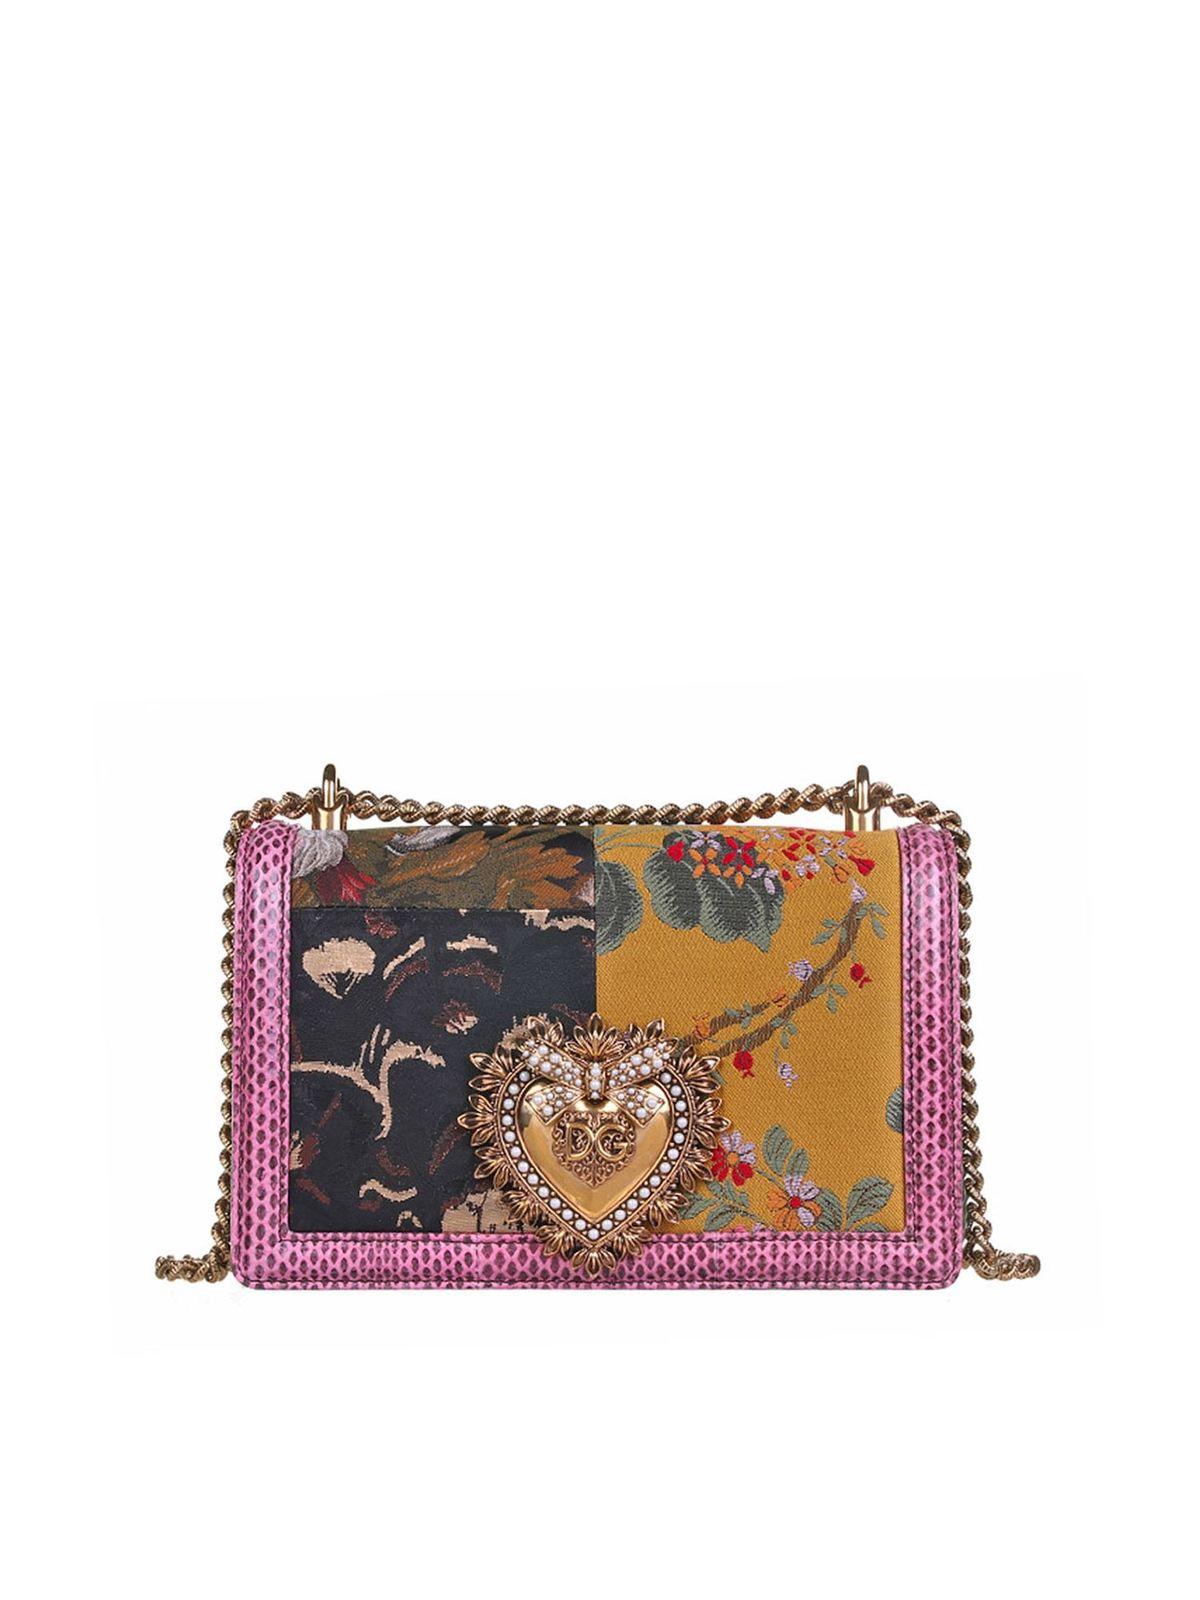 Dolce & Gabbana FLORAL DEVOTION BAG IN PINK